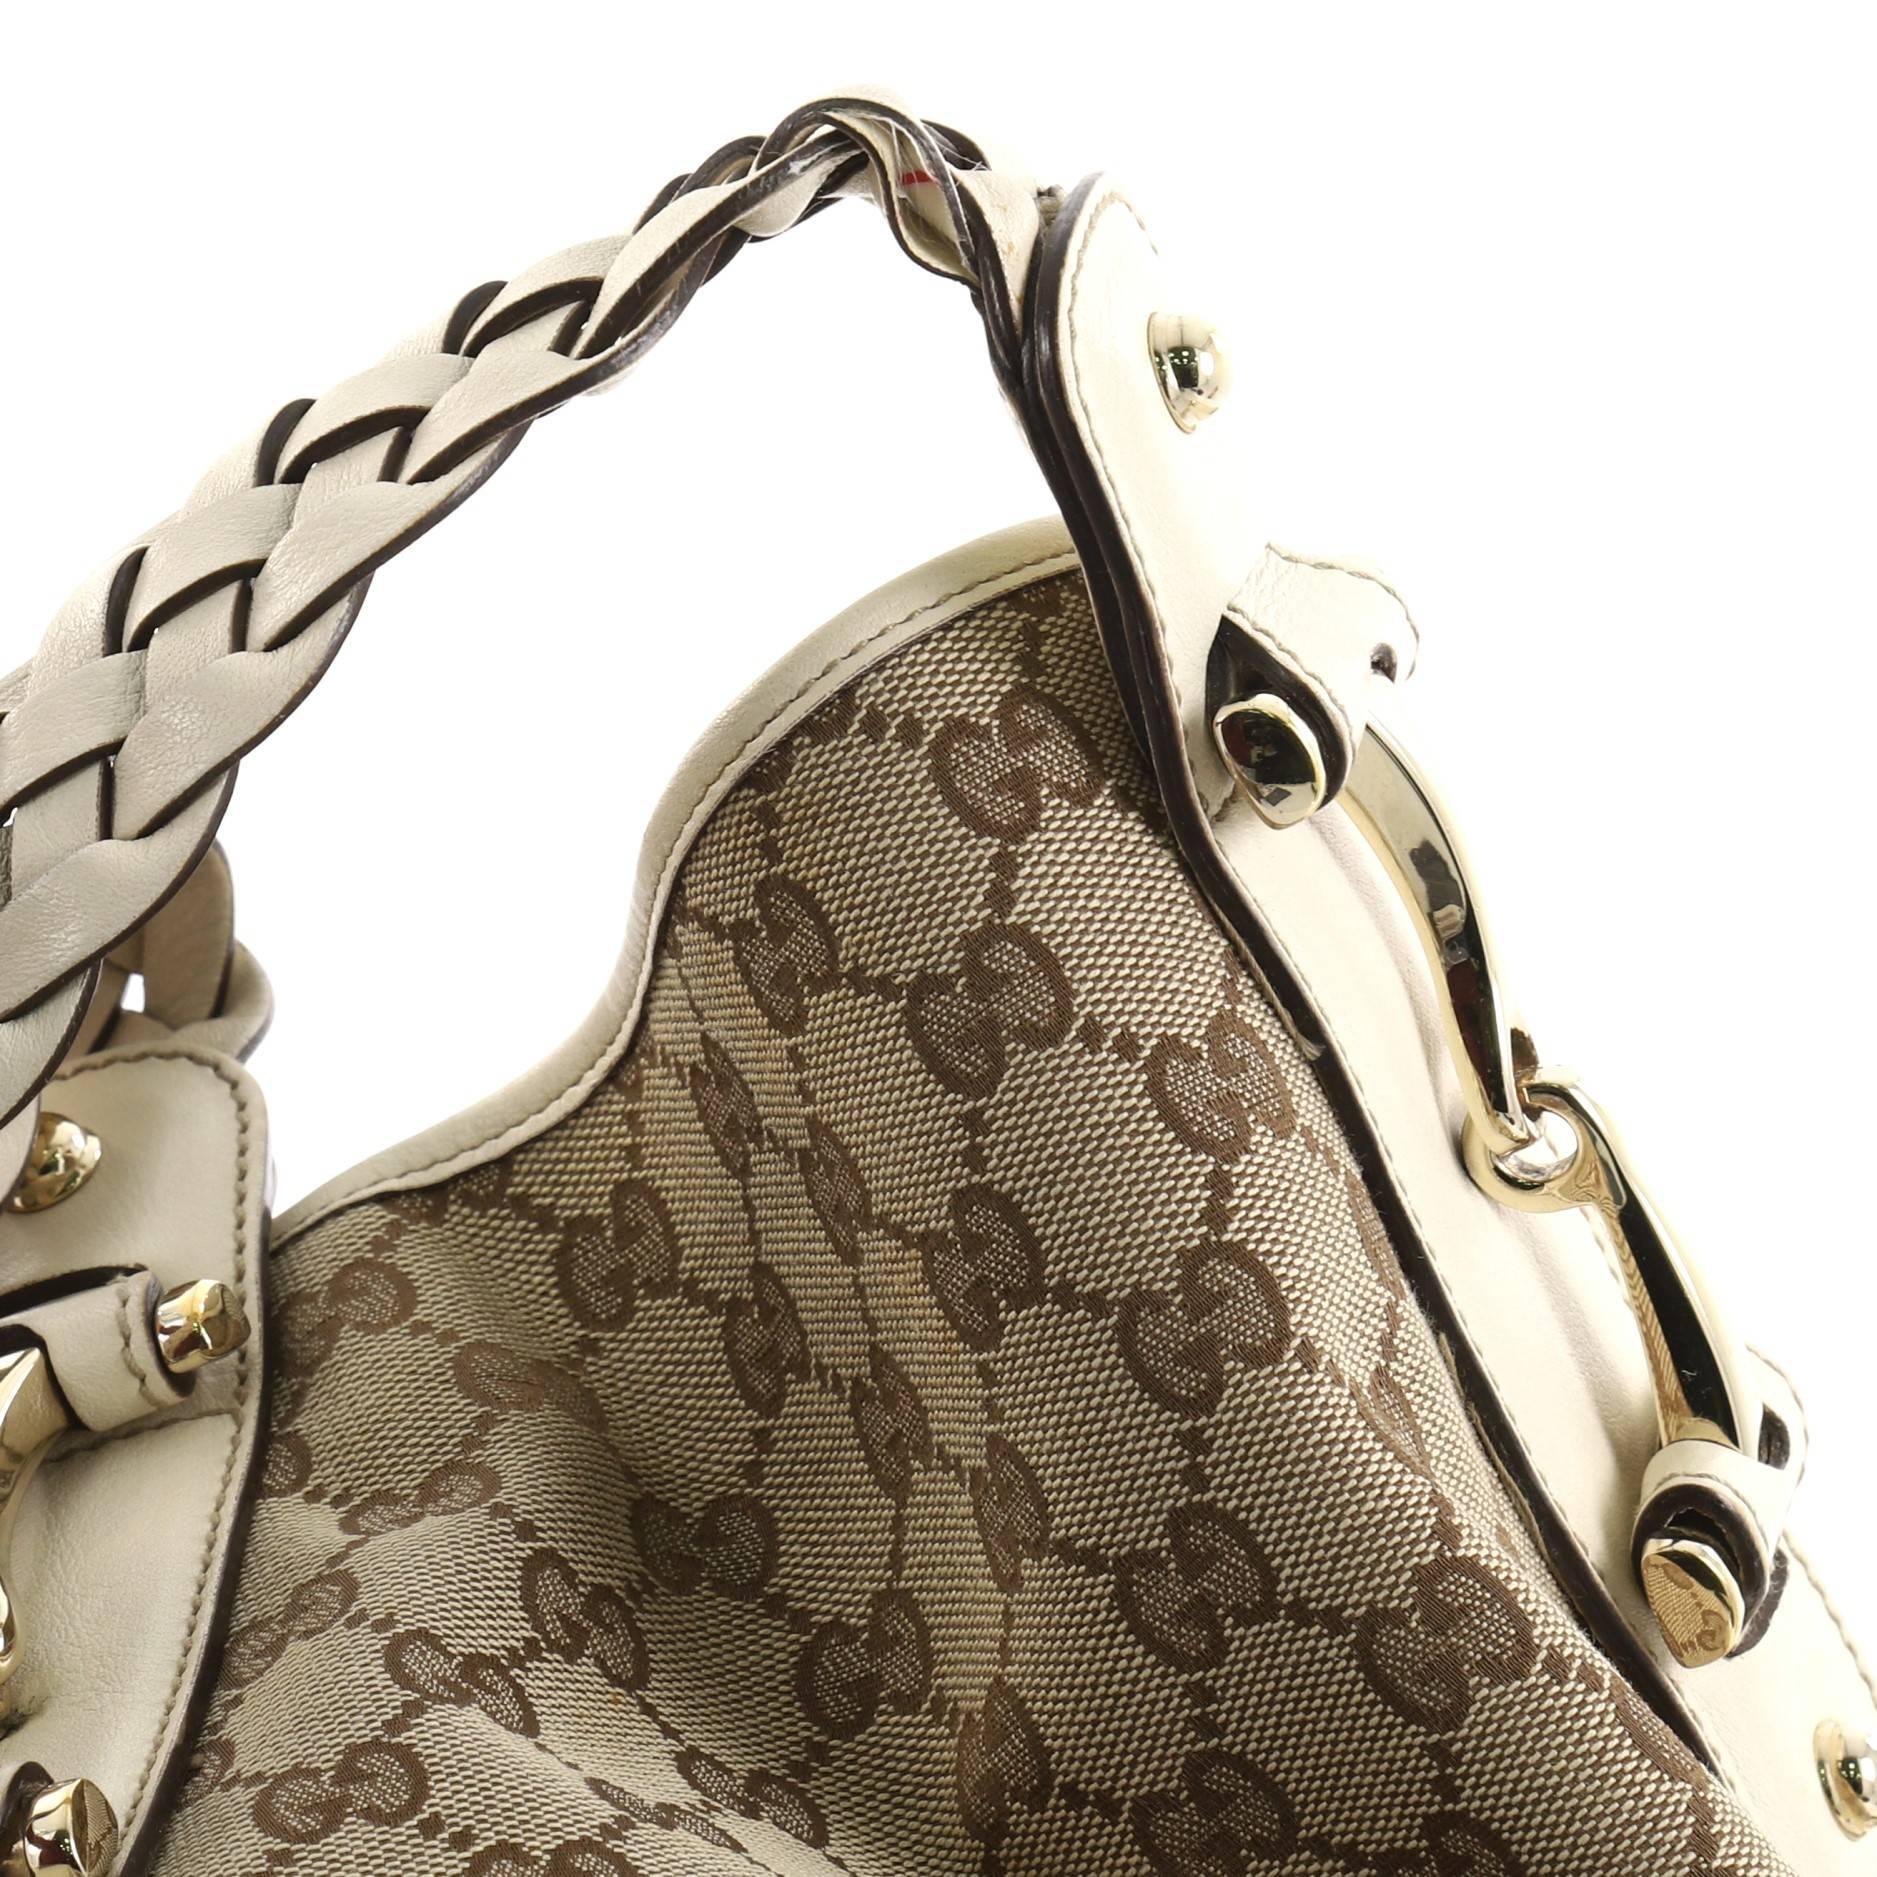 ba5c158a0b1 Gucci Pelham Shoulder Bag GG Canvas Small at 1stdibs